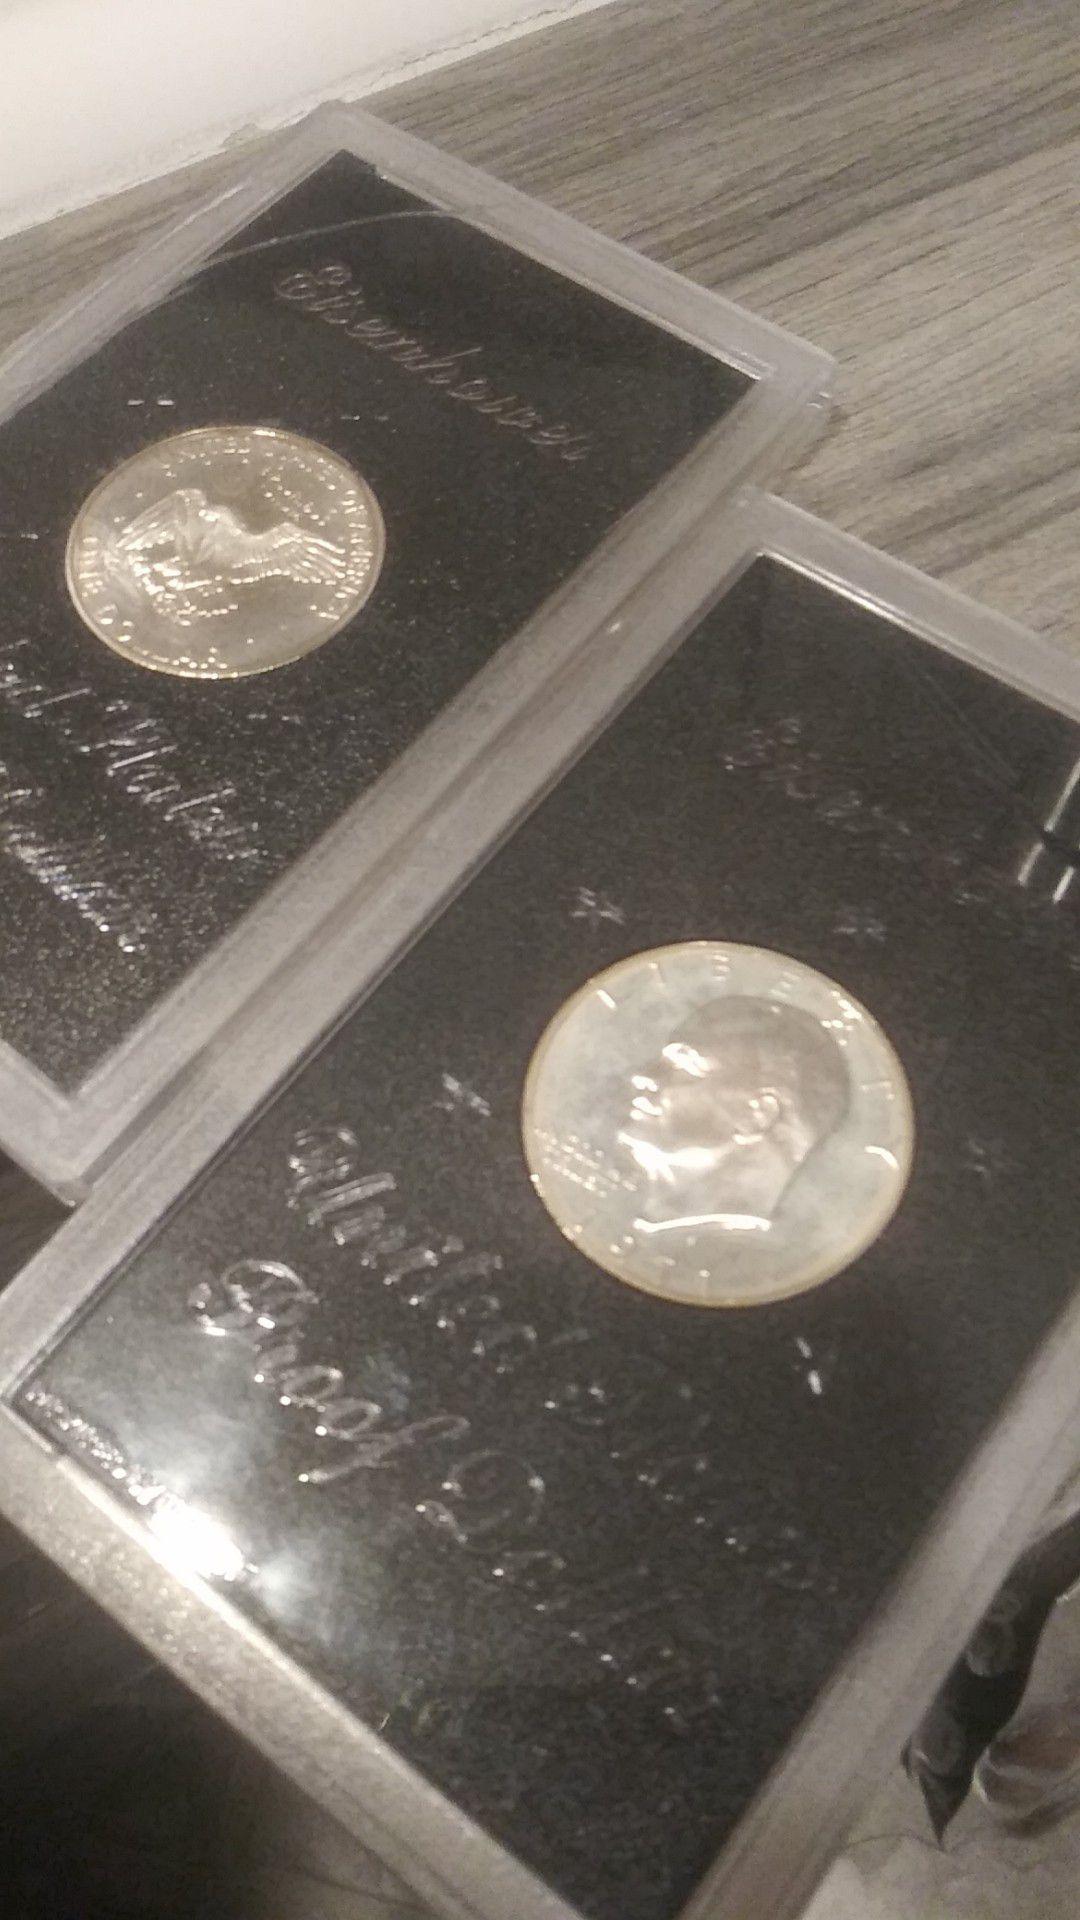 1971 Eisenhower United States proof dollar